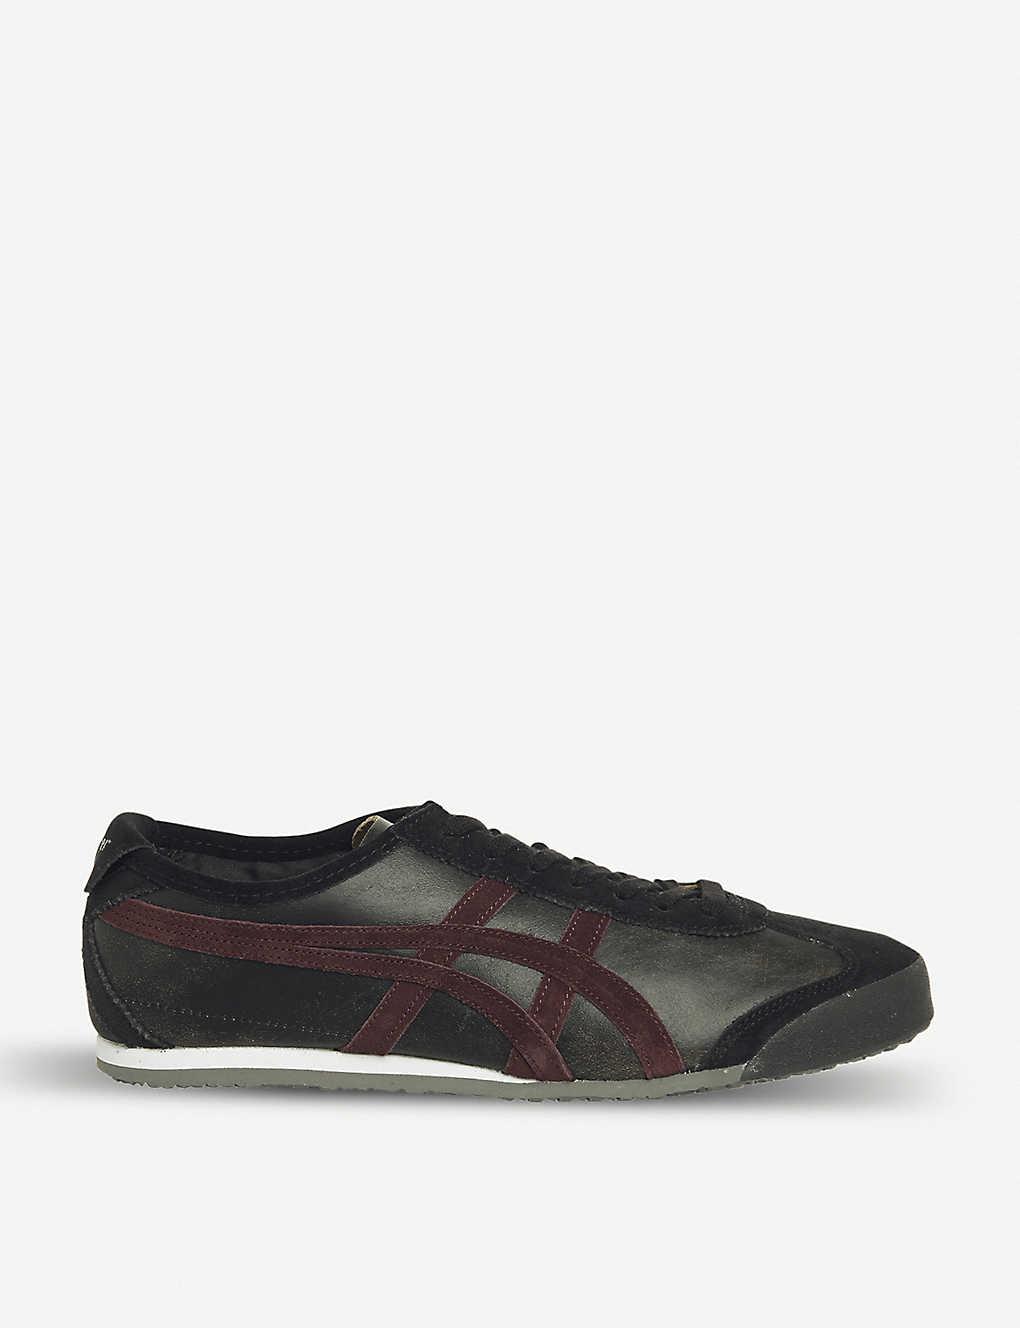 hot sale online 9d927 2eb3c ASICS - Mexico 66 leather trainers | Selfridges.com